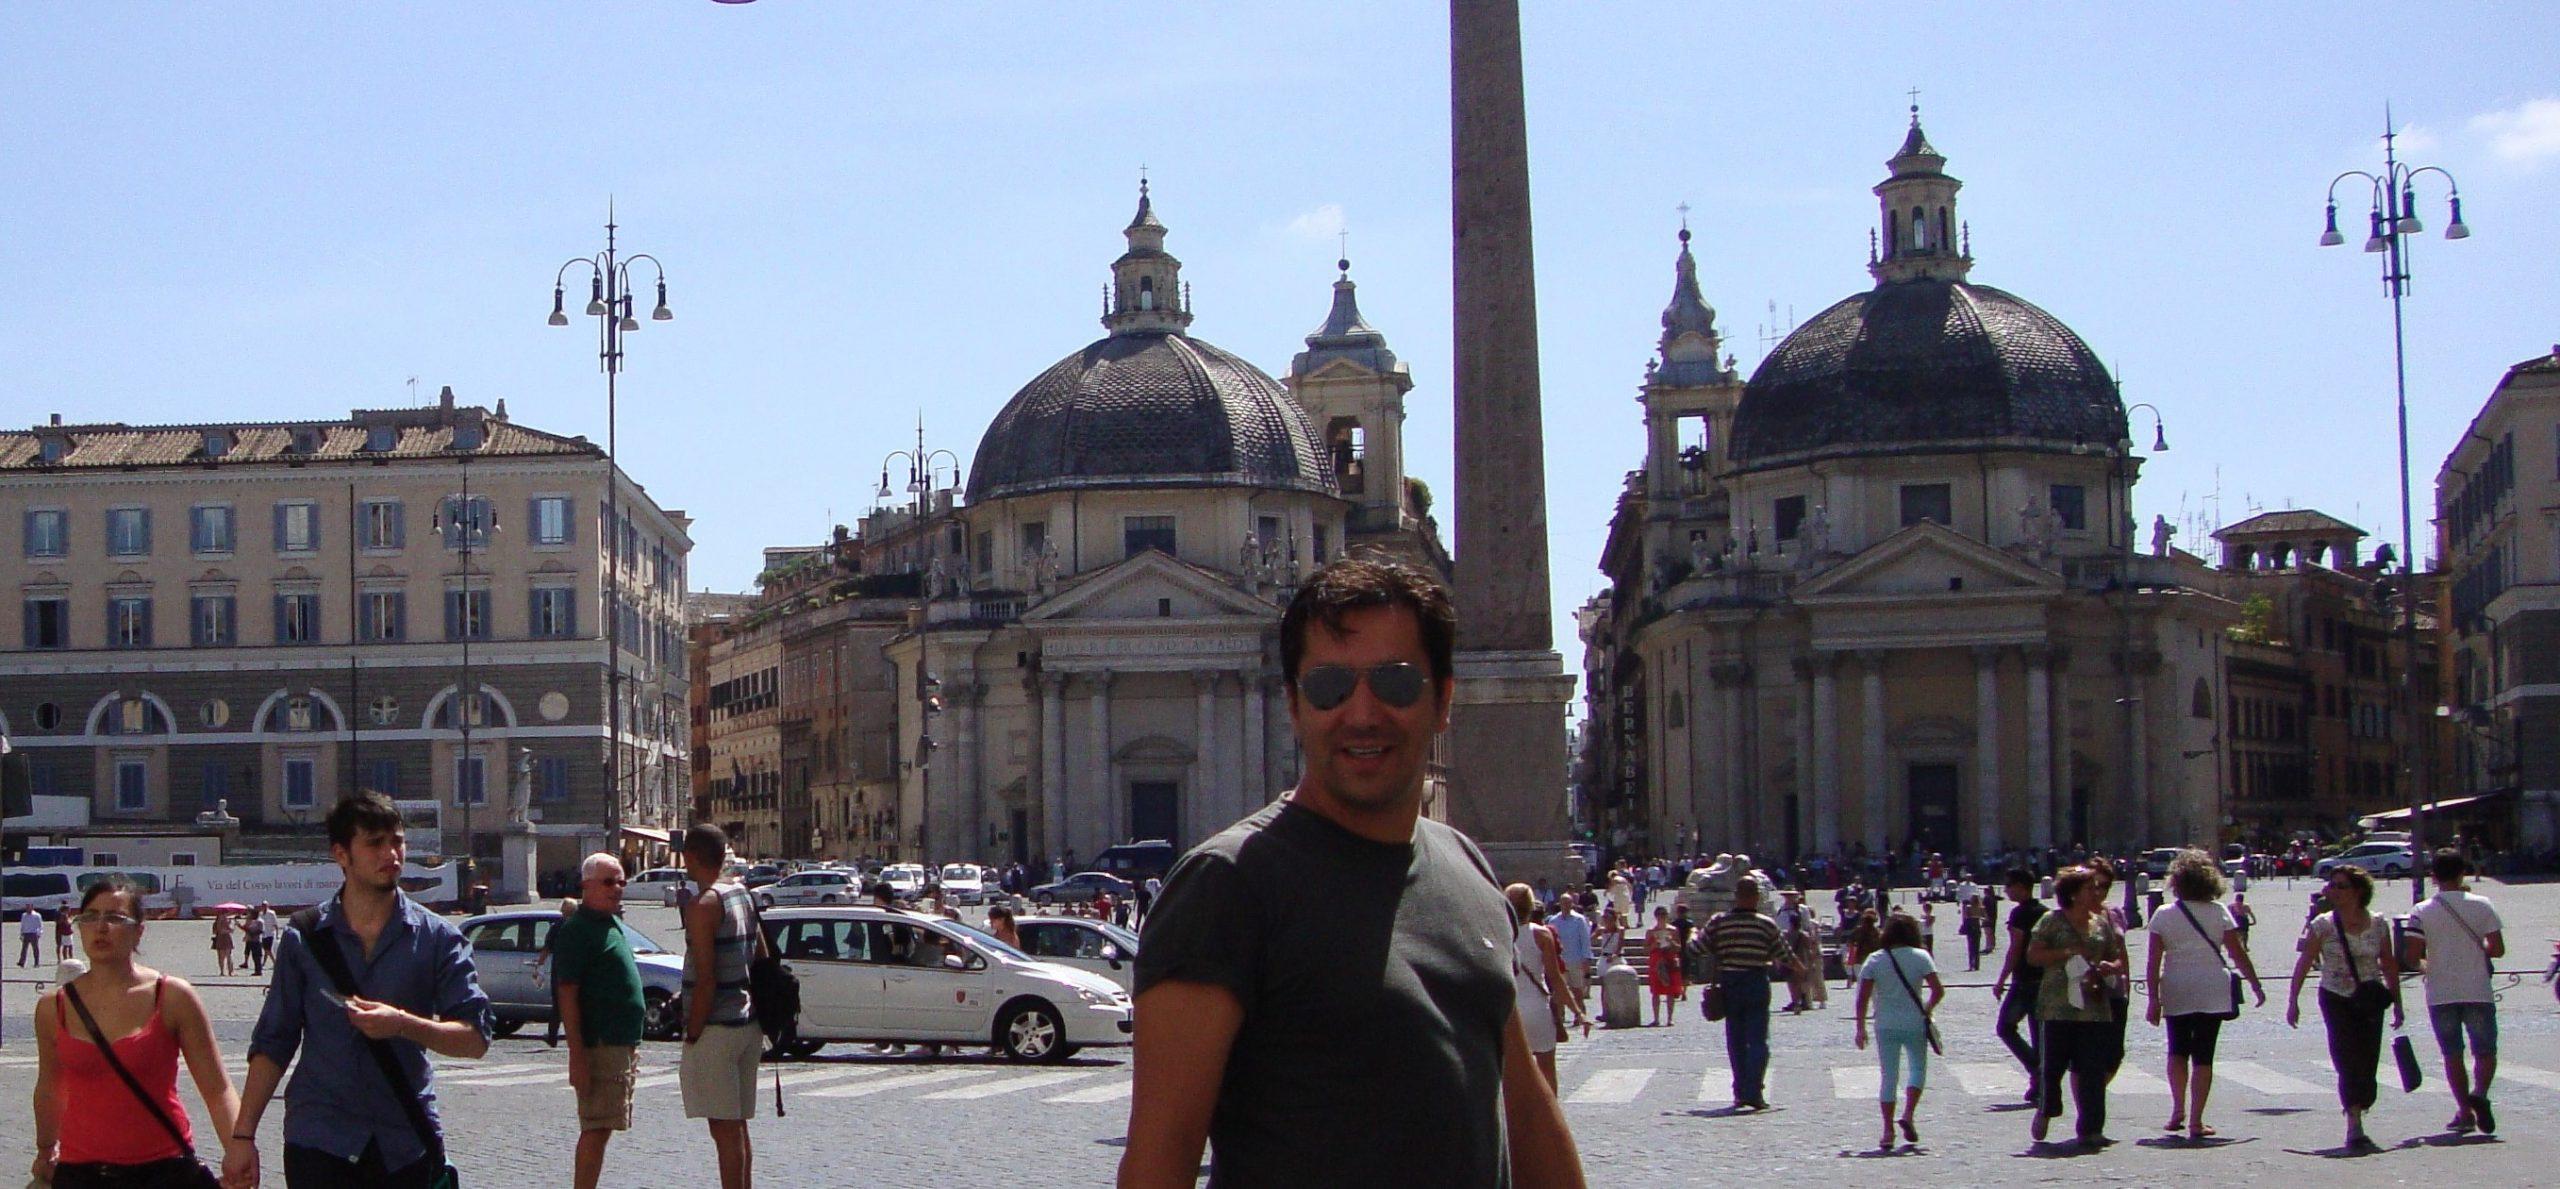 Roma, Italy (2010)